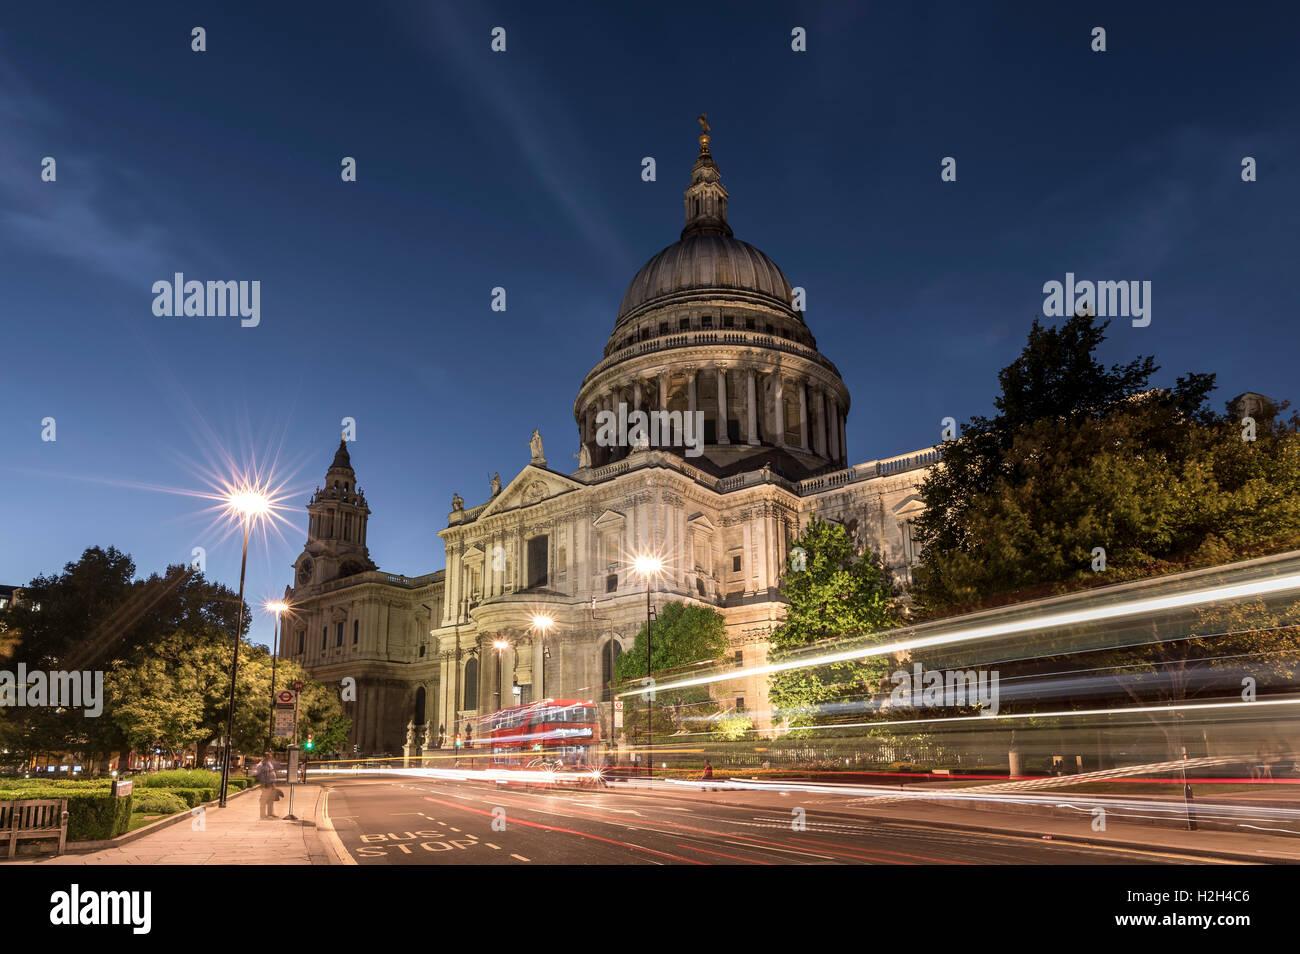 La Cathédrale St Paul, la nuit, avec des sentiers de la circulation des bus de Londres sur la rue à l'avant Photo Stock